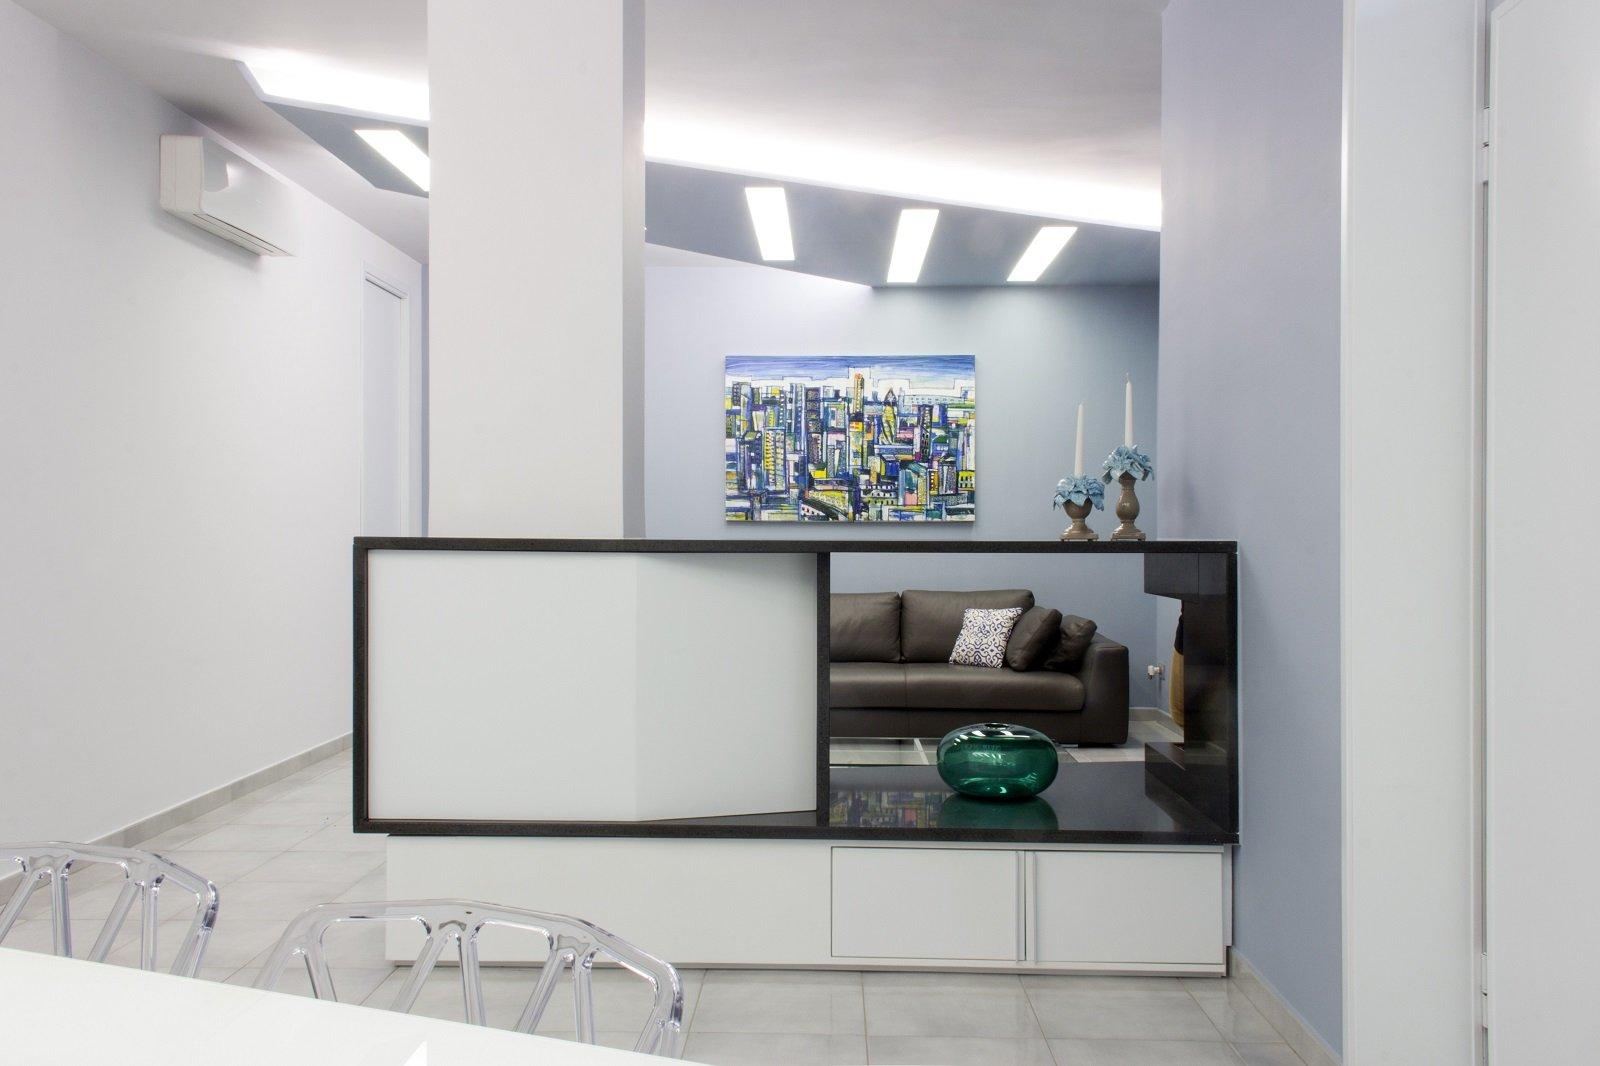 Una casa tra tradizione e modernit cose di casa for Piani di casa sotto 100k